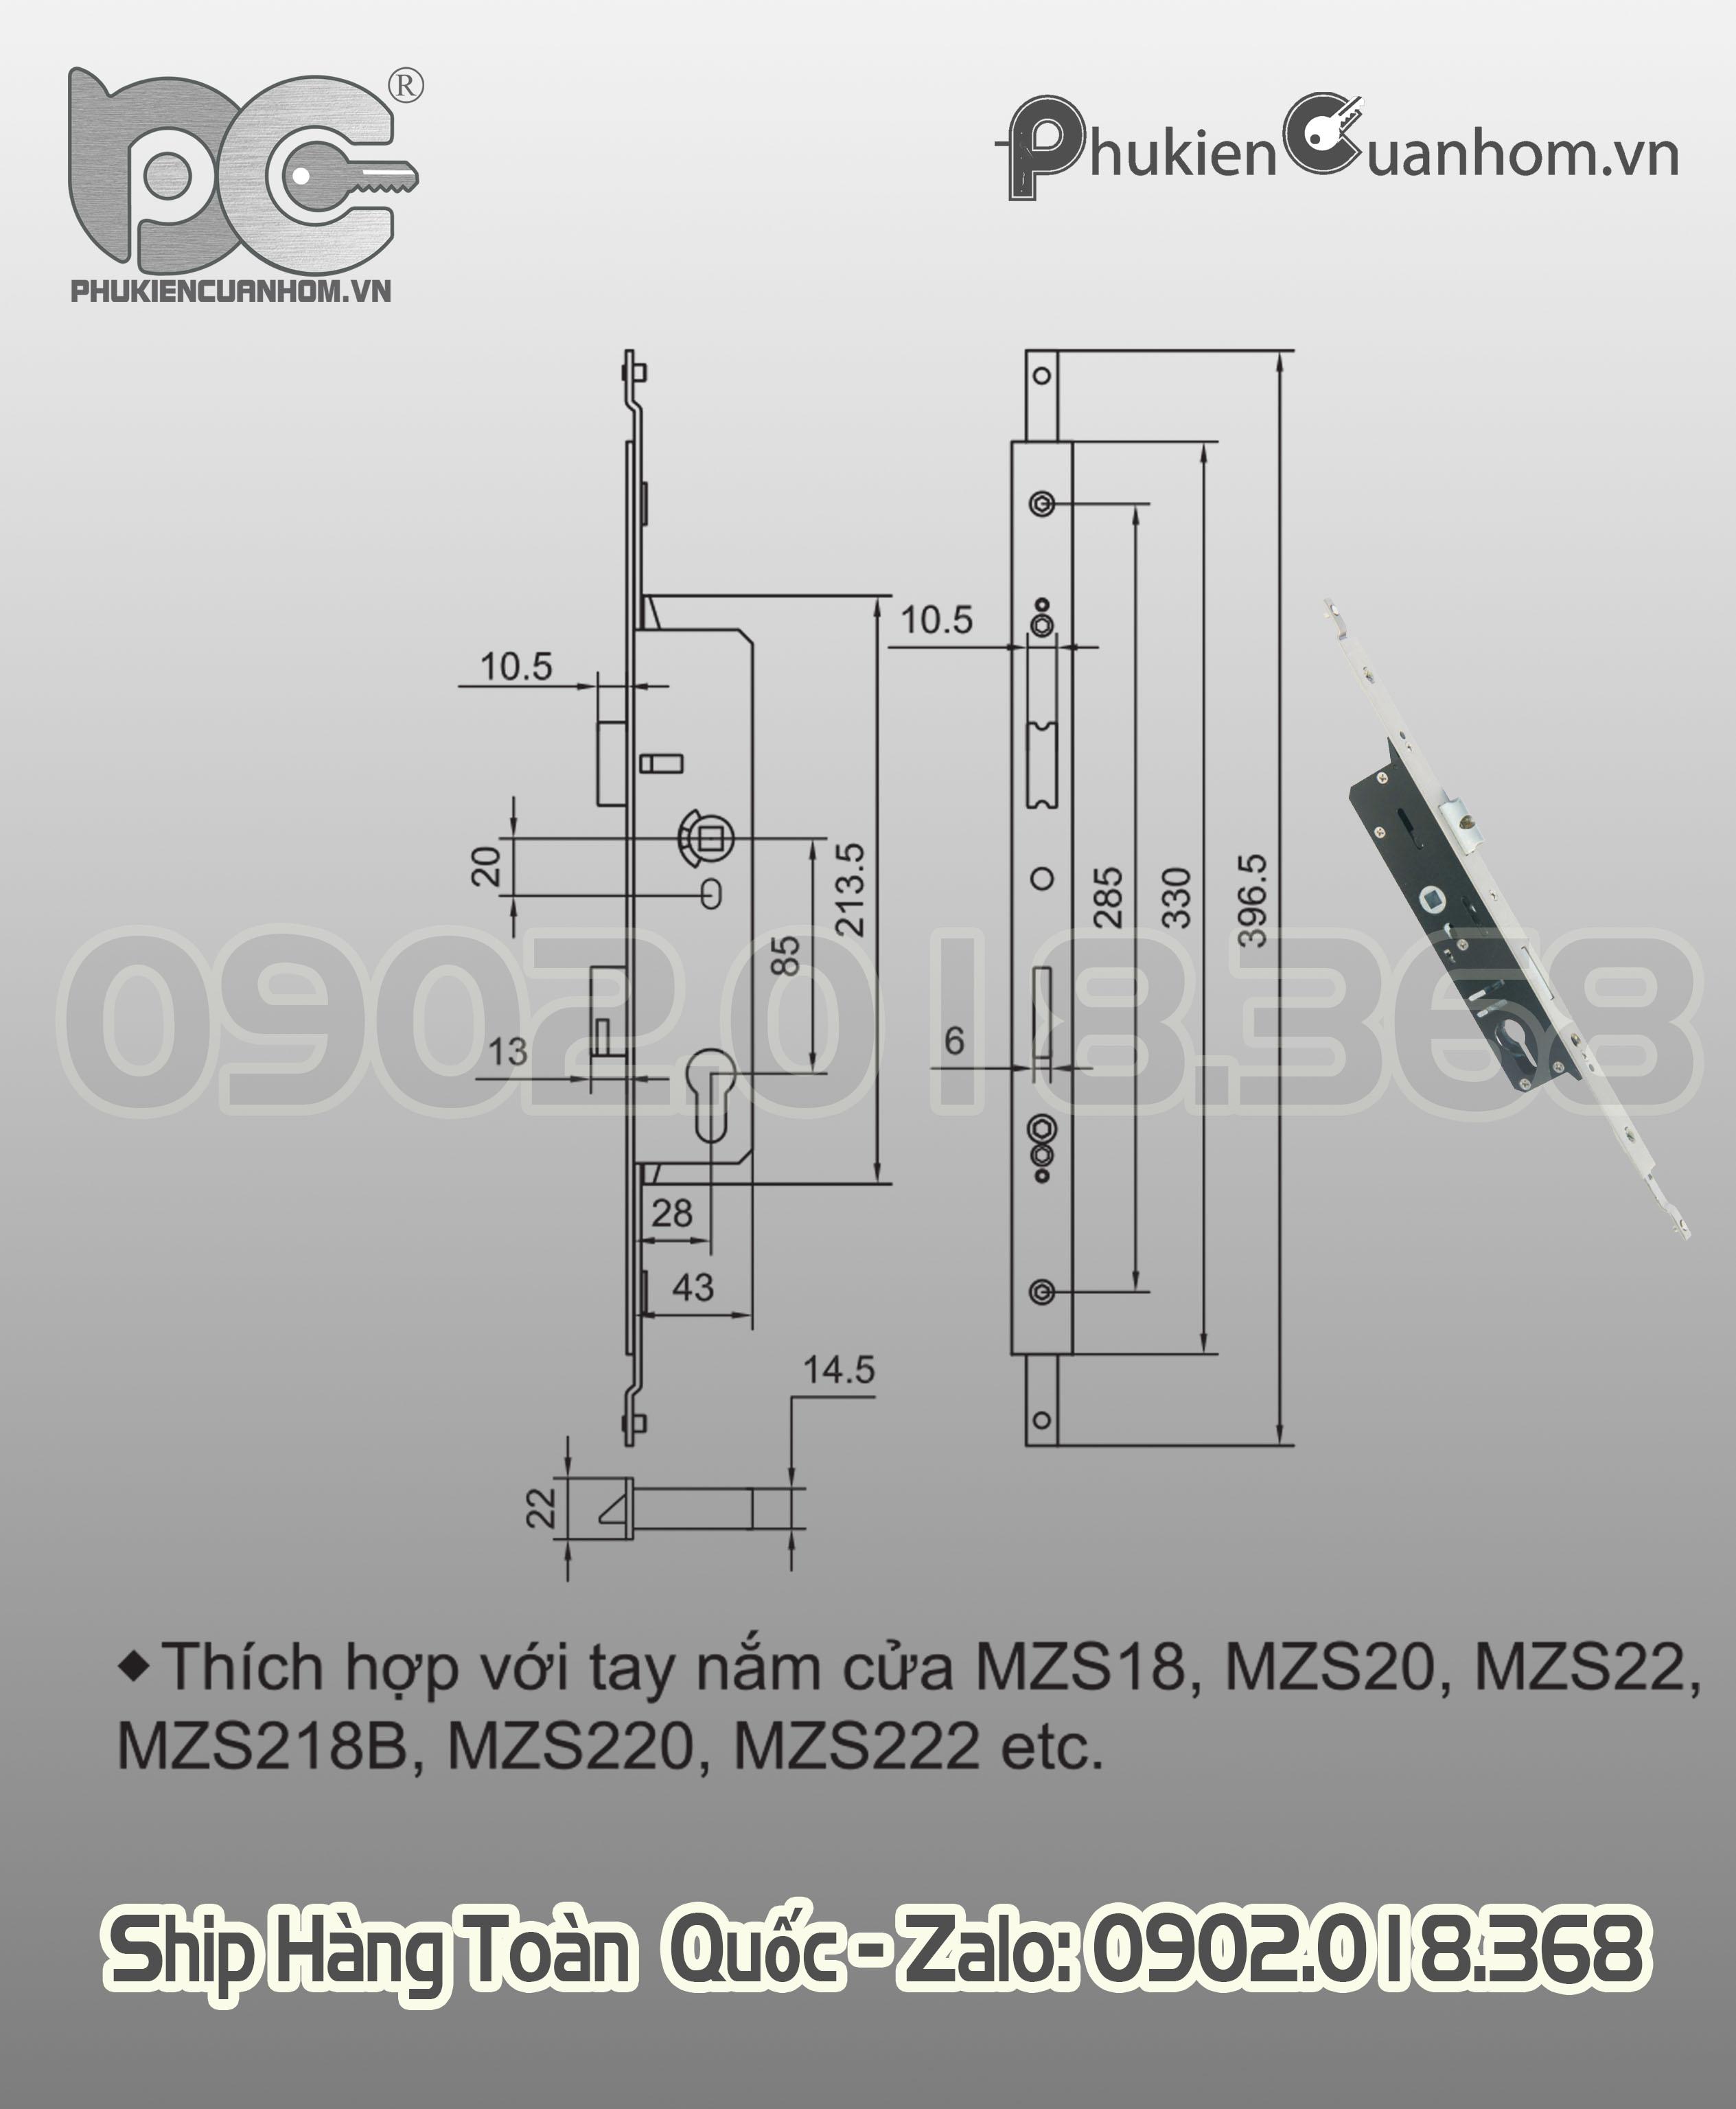 Thân khóa đa điểm cửa đi nhôm Xingfa hệ 55 hiệu KinLong chính hãng - MSC28/I